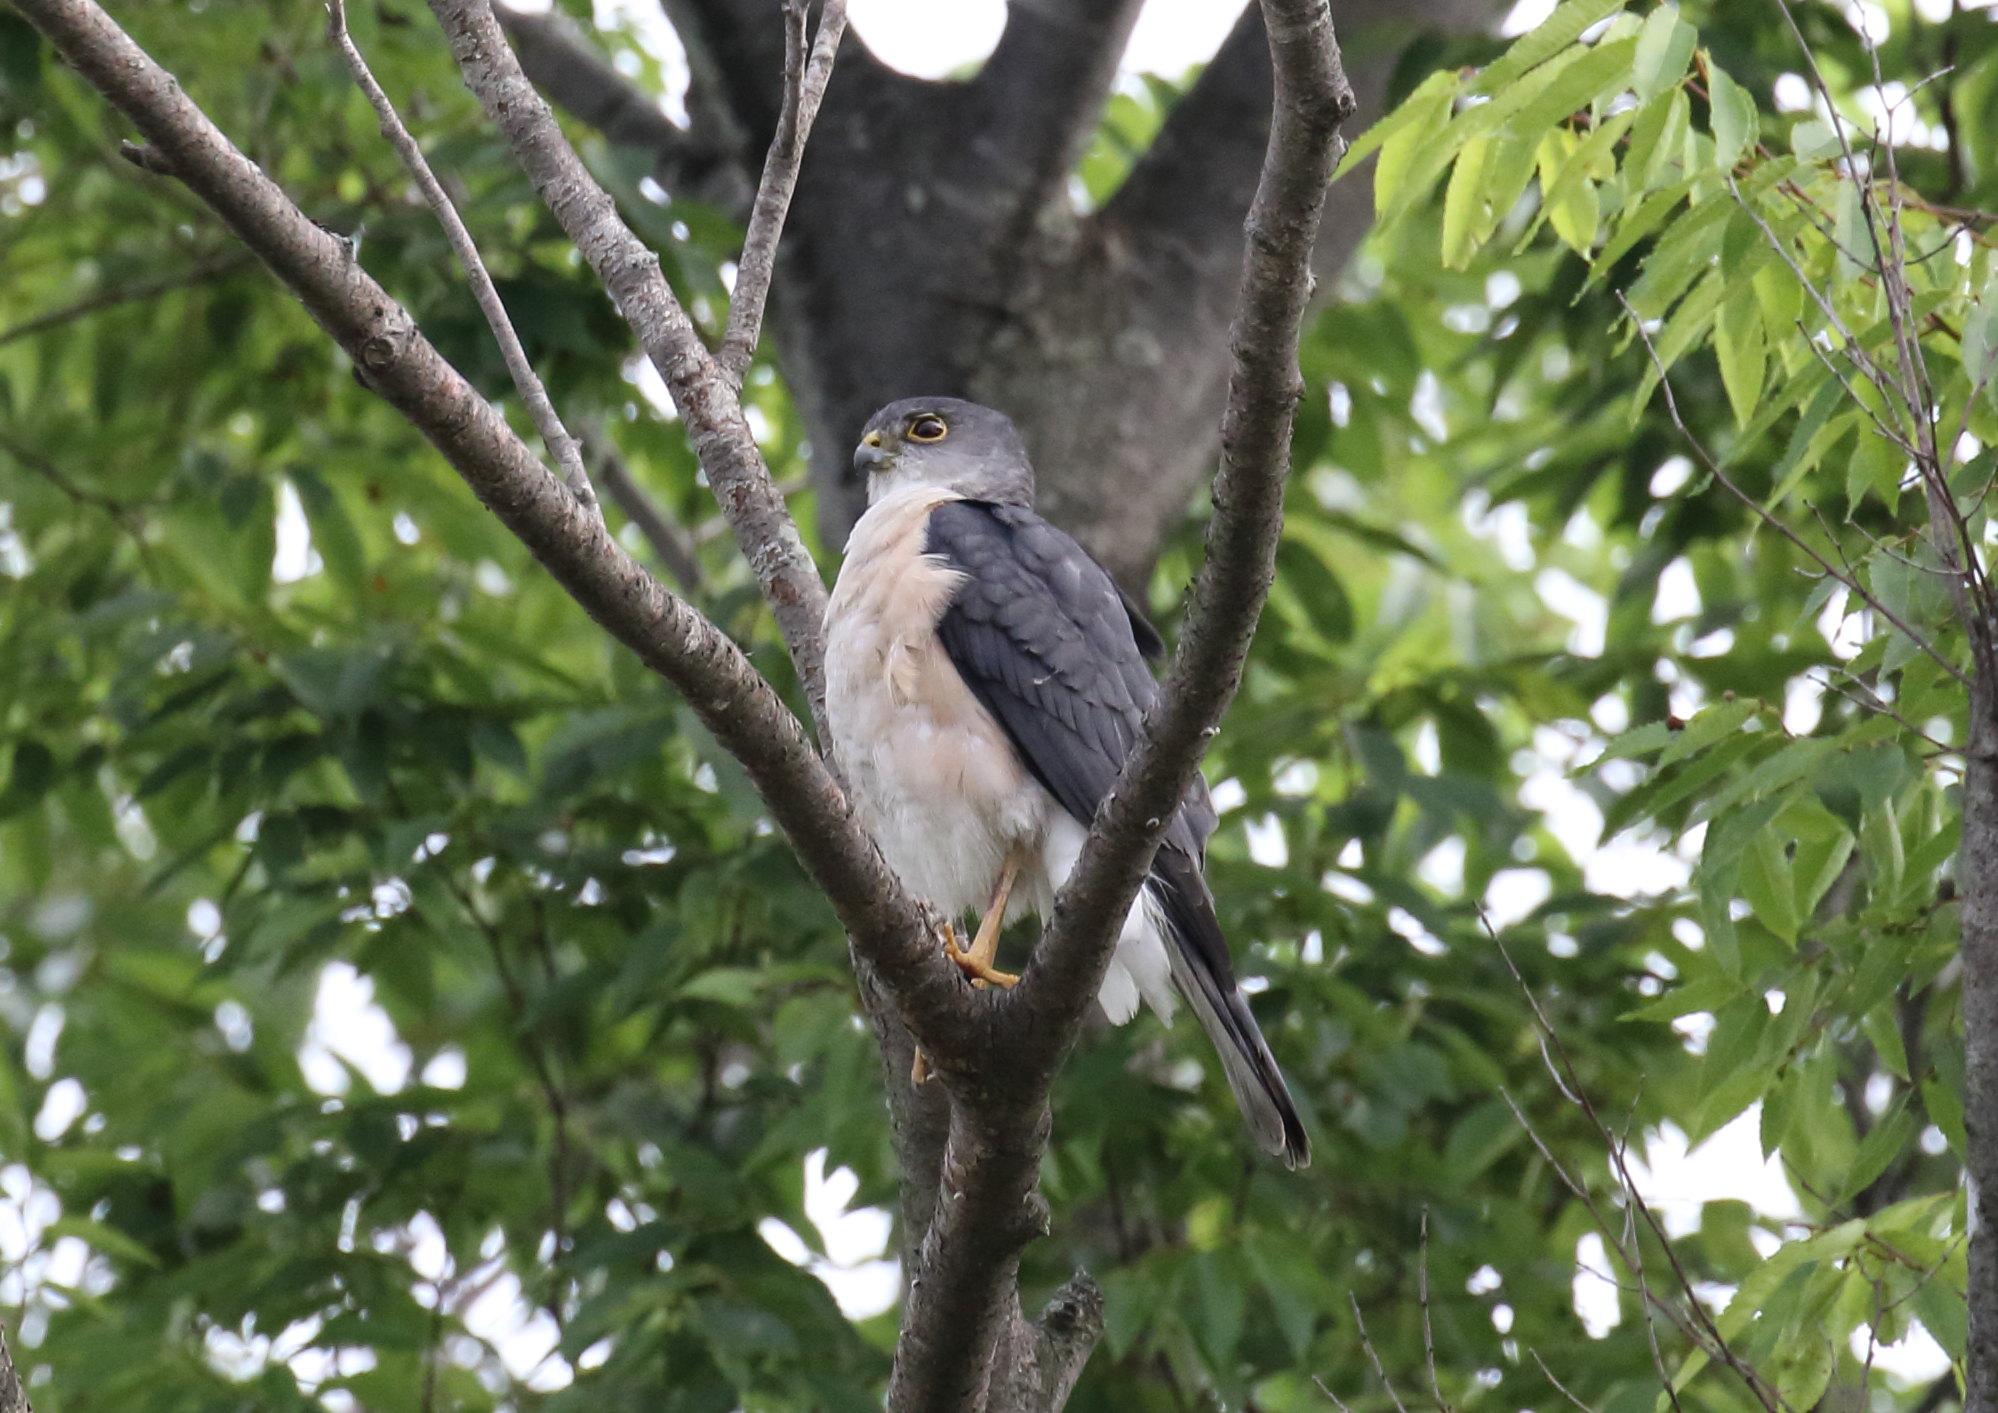 ペアで飛来、睨みを利かすオス ツミ…♂ 2021年5月 柏市近郊 ツミの繫殖期、近郷緑地にペアで飛来 営巣準備